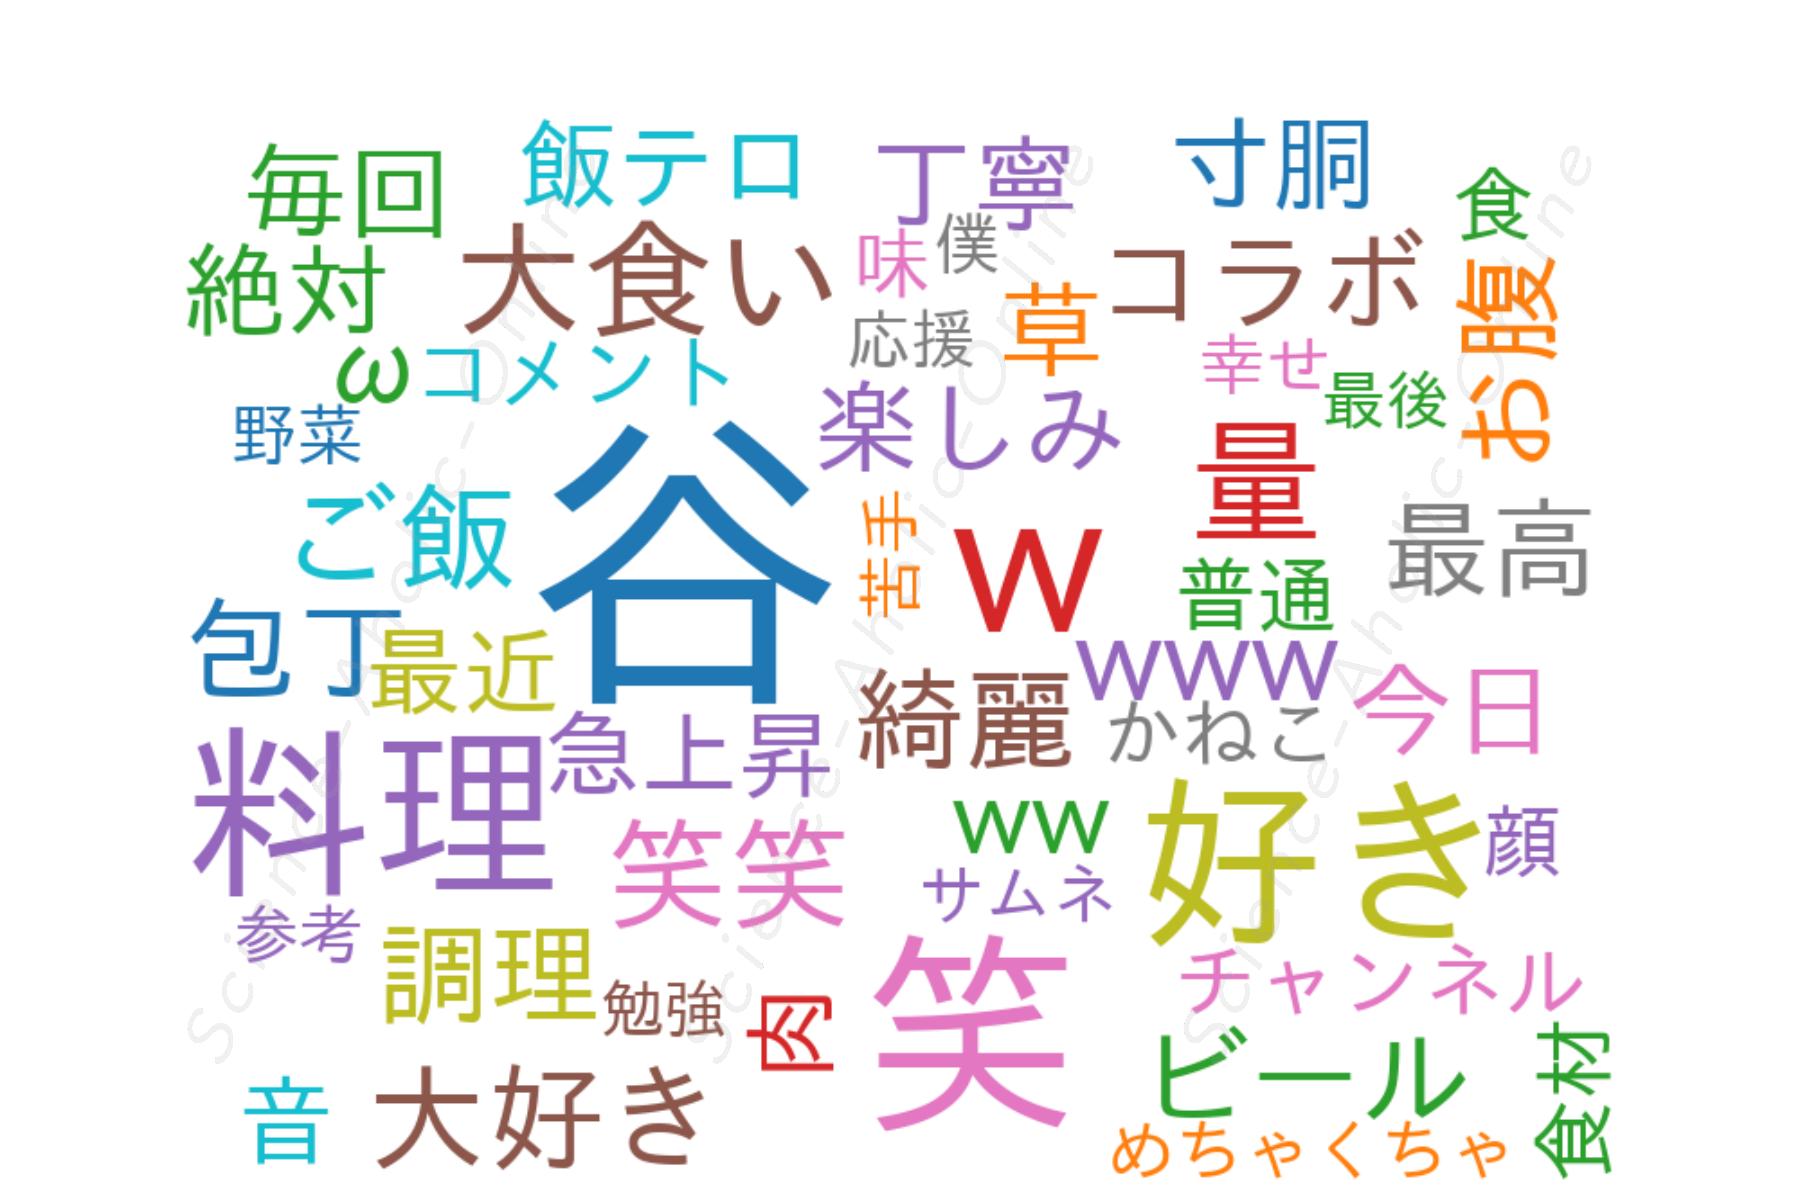 wordcloud_谷やん谷崎鷹人